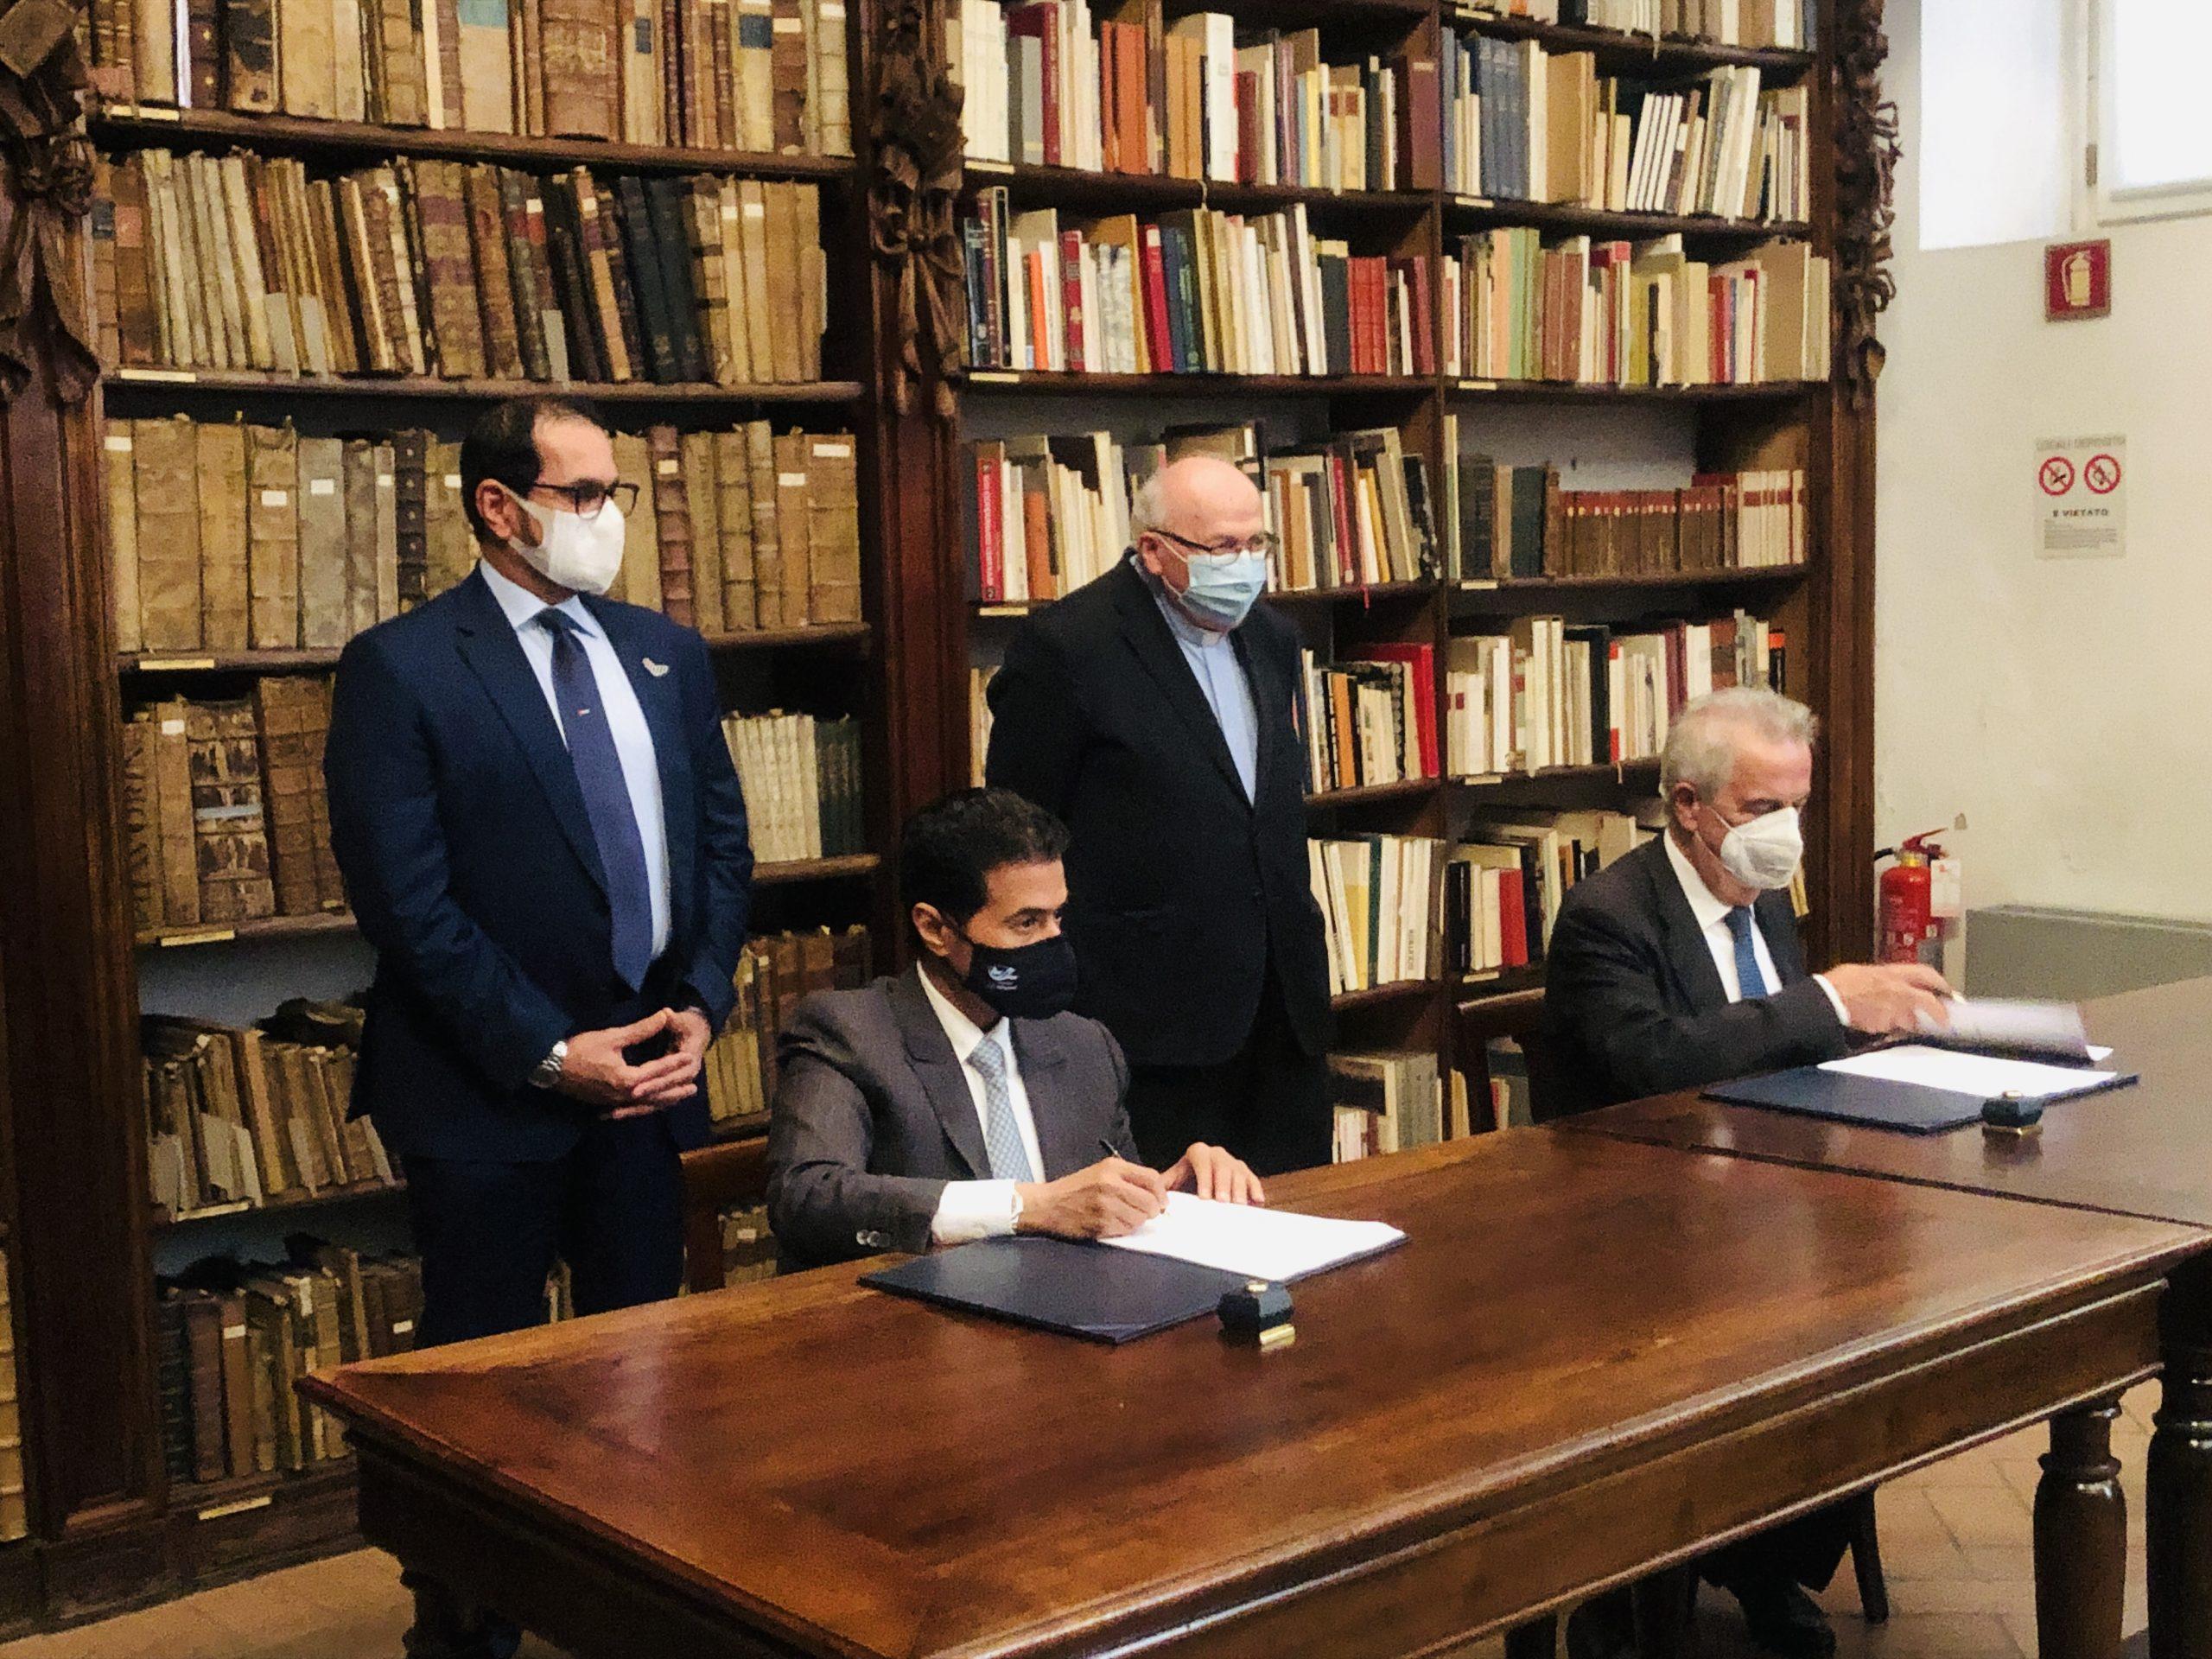 Siglato l'accordo con la Sharjah Book Authority